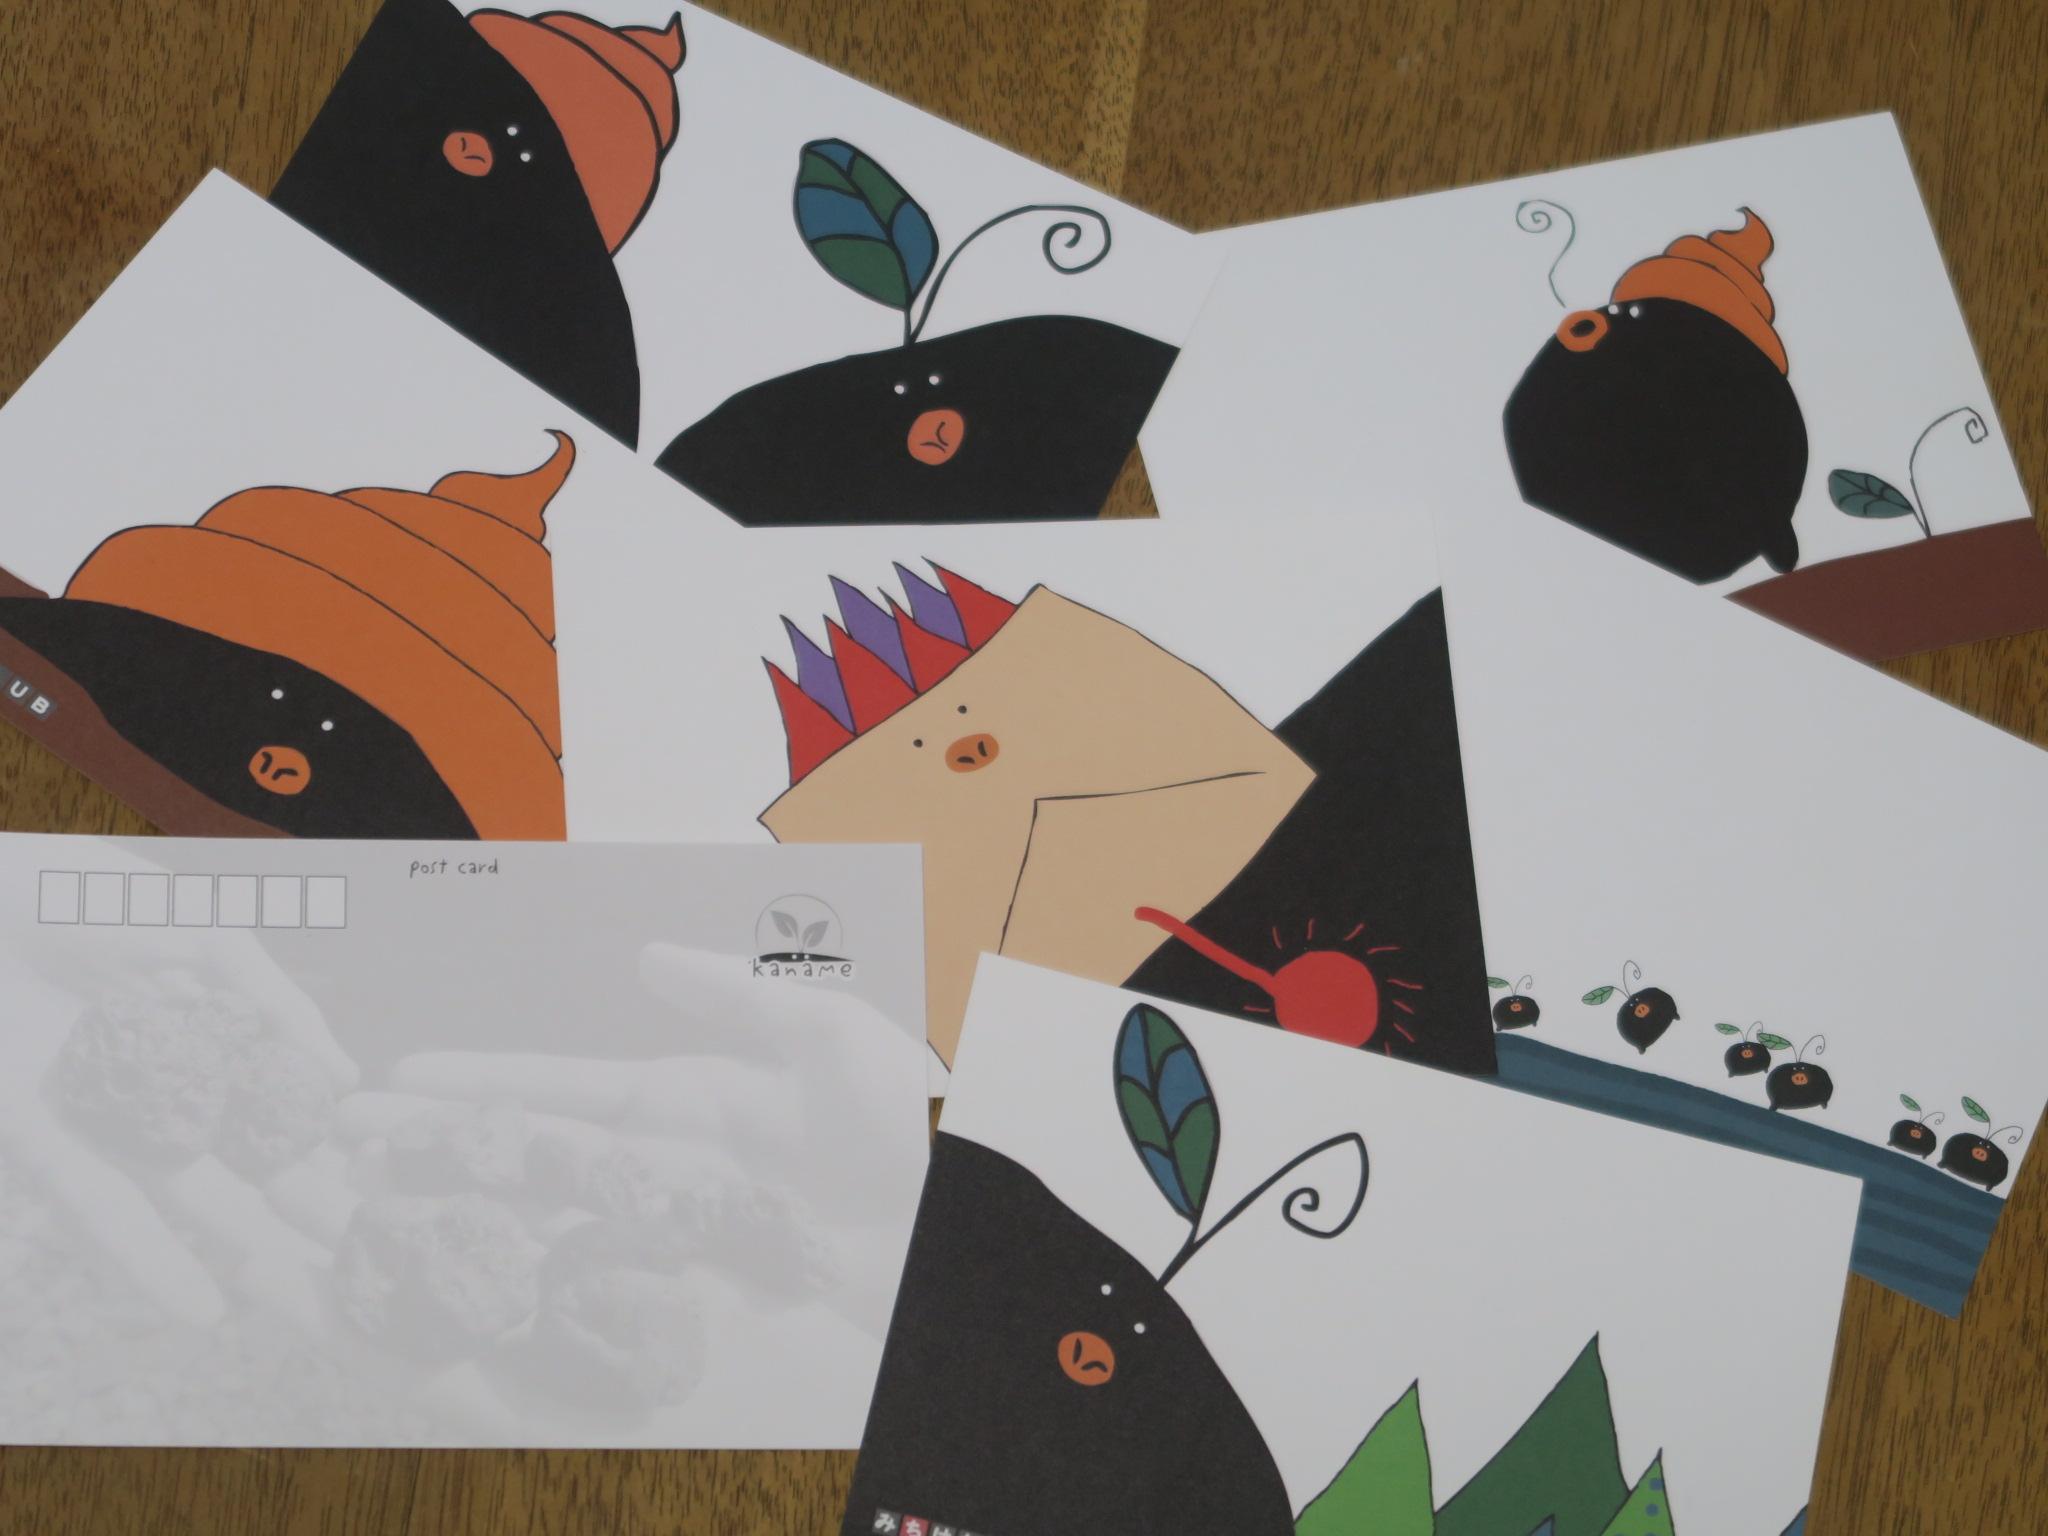 奥安芸の鉄物語【カードセット】画像